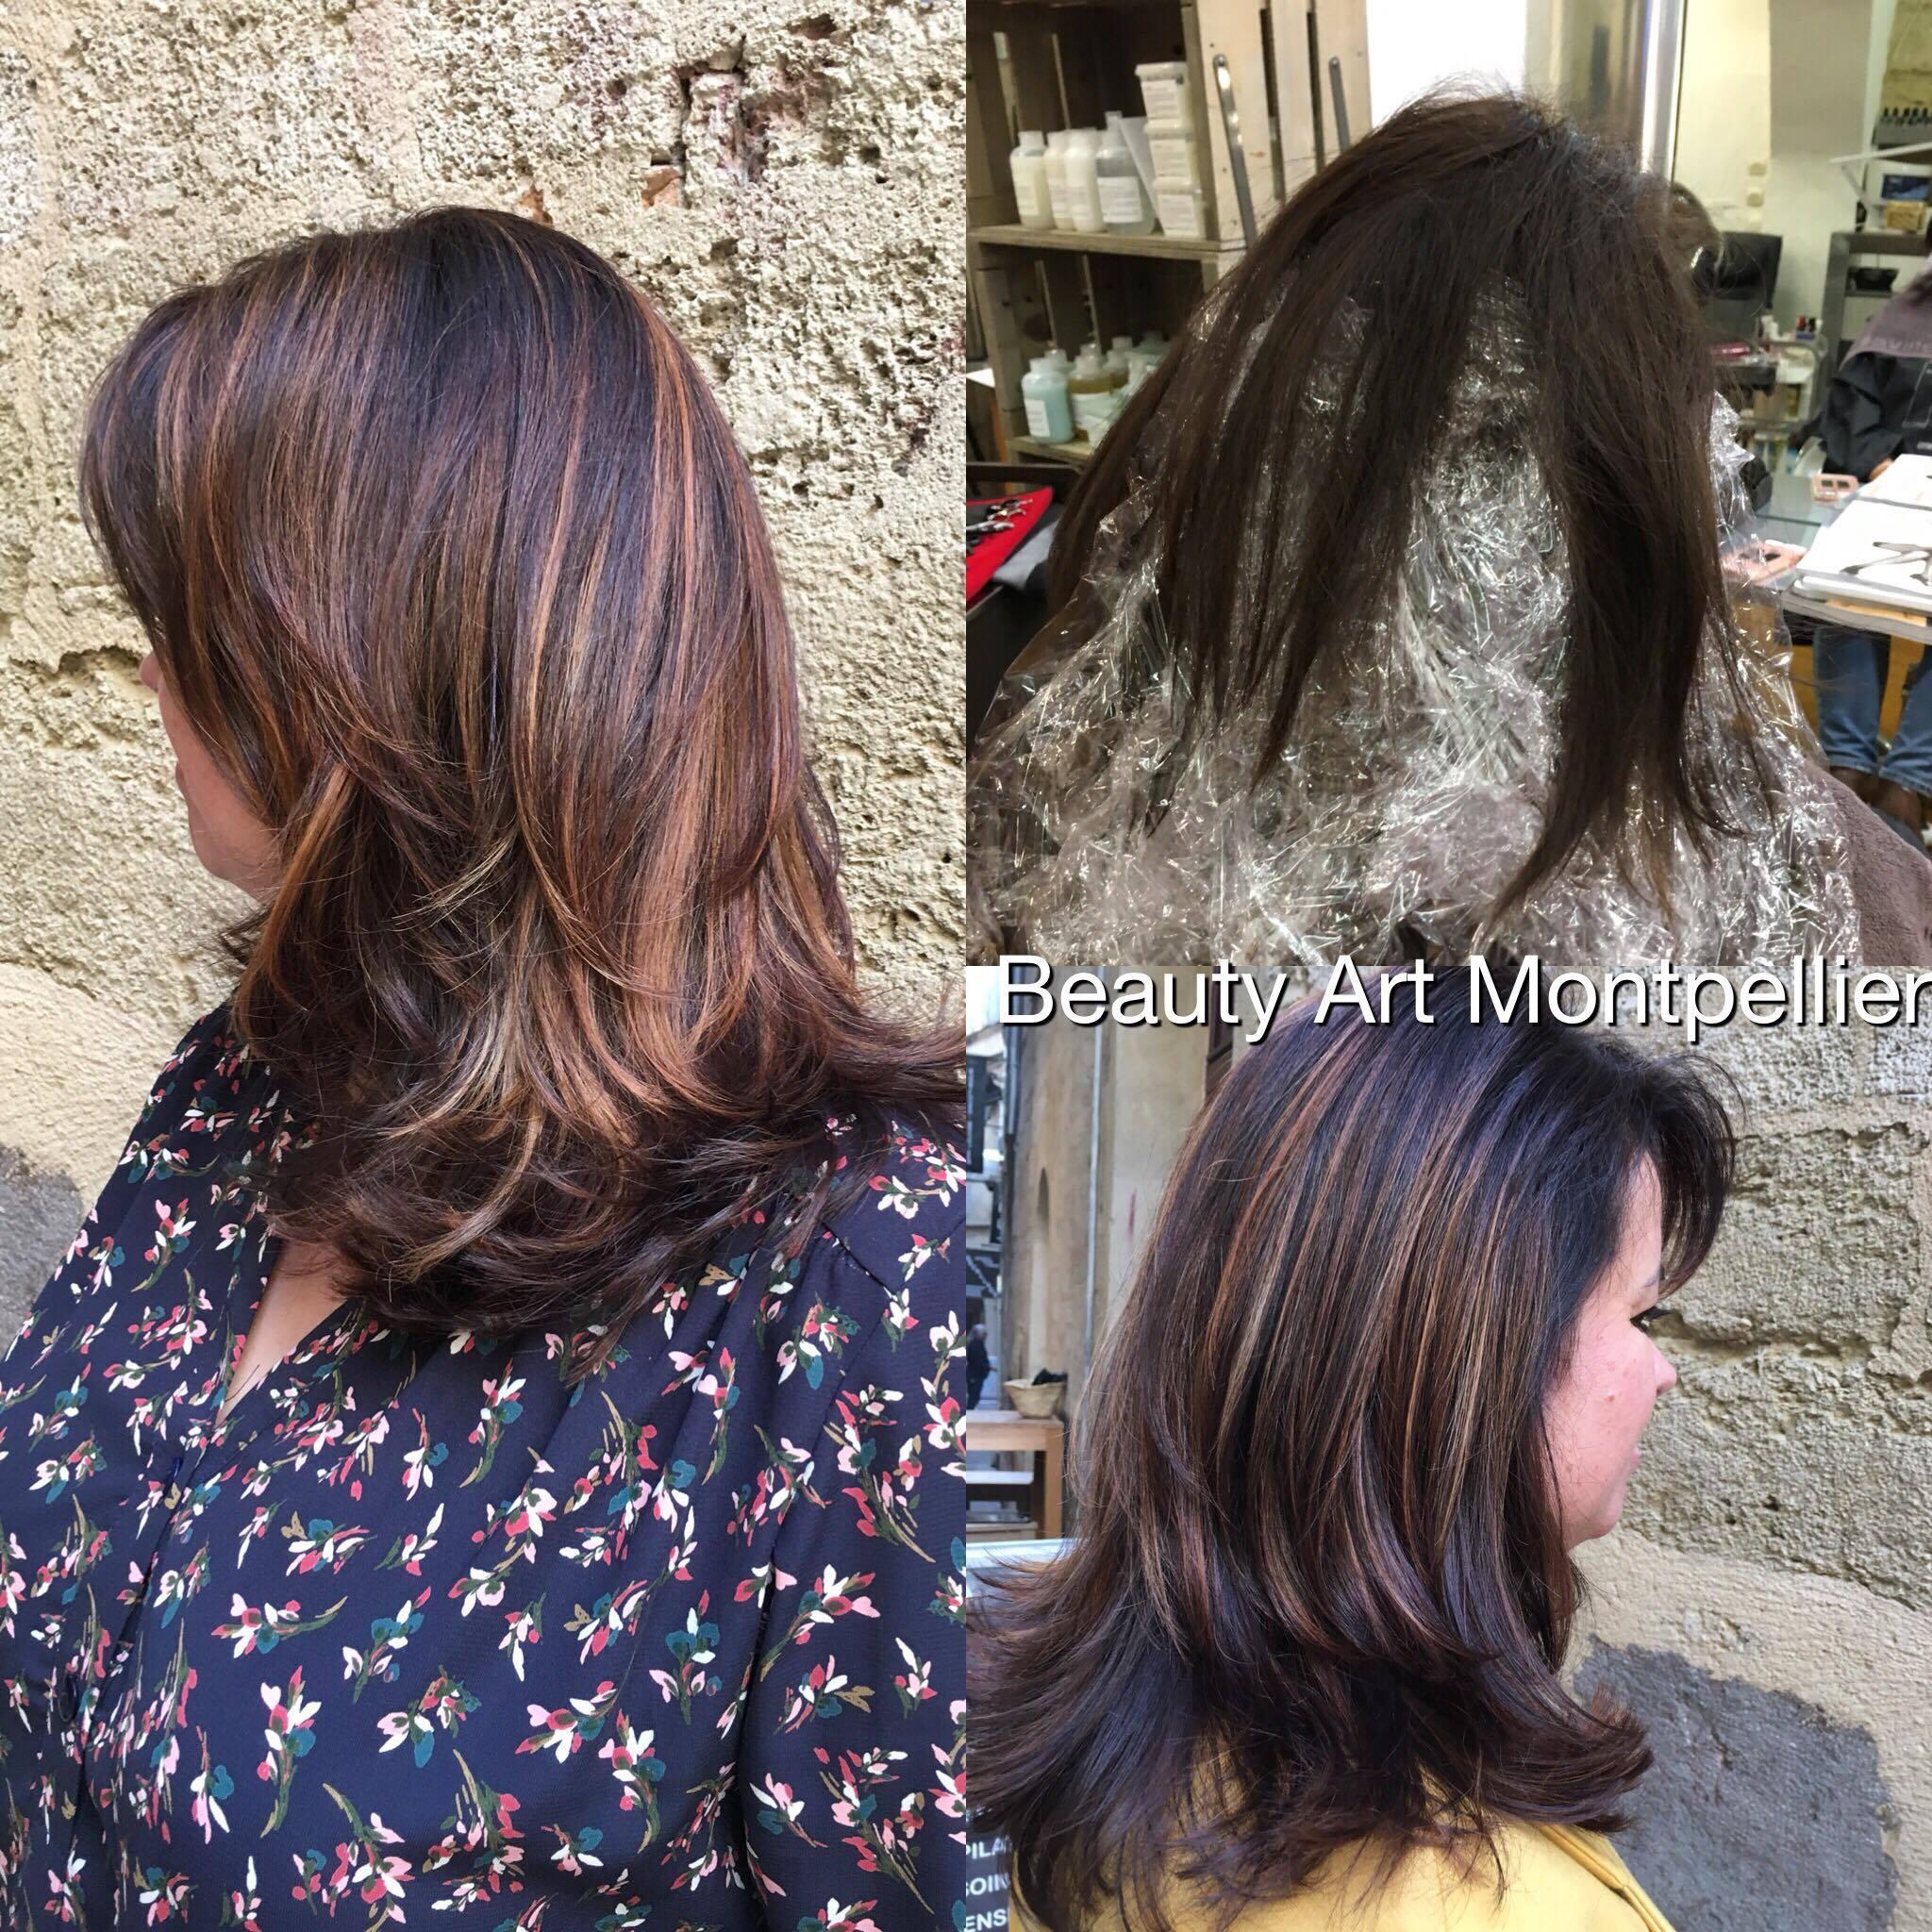 Salon de coiffure montpellier 8 beauty art - Salon de coiffure africain montpellier ...